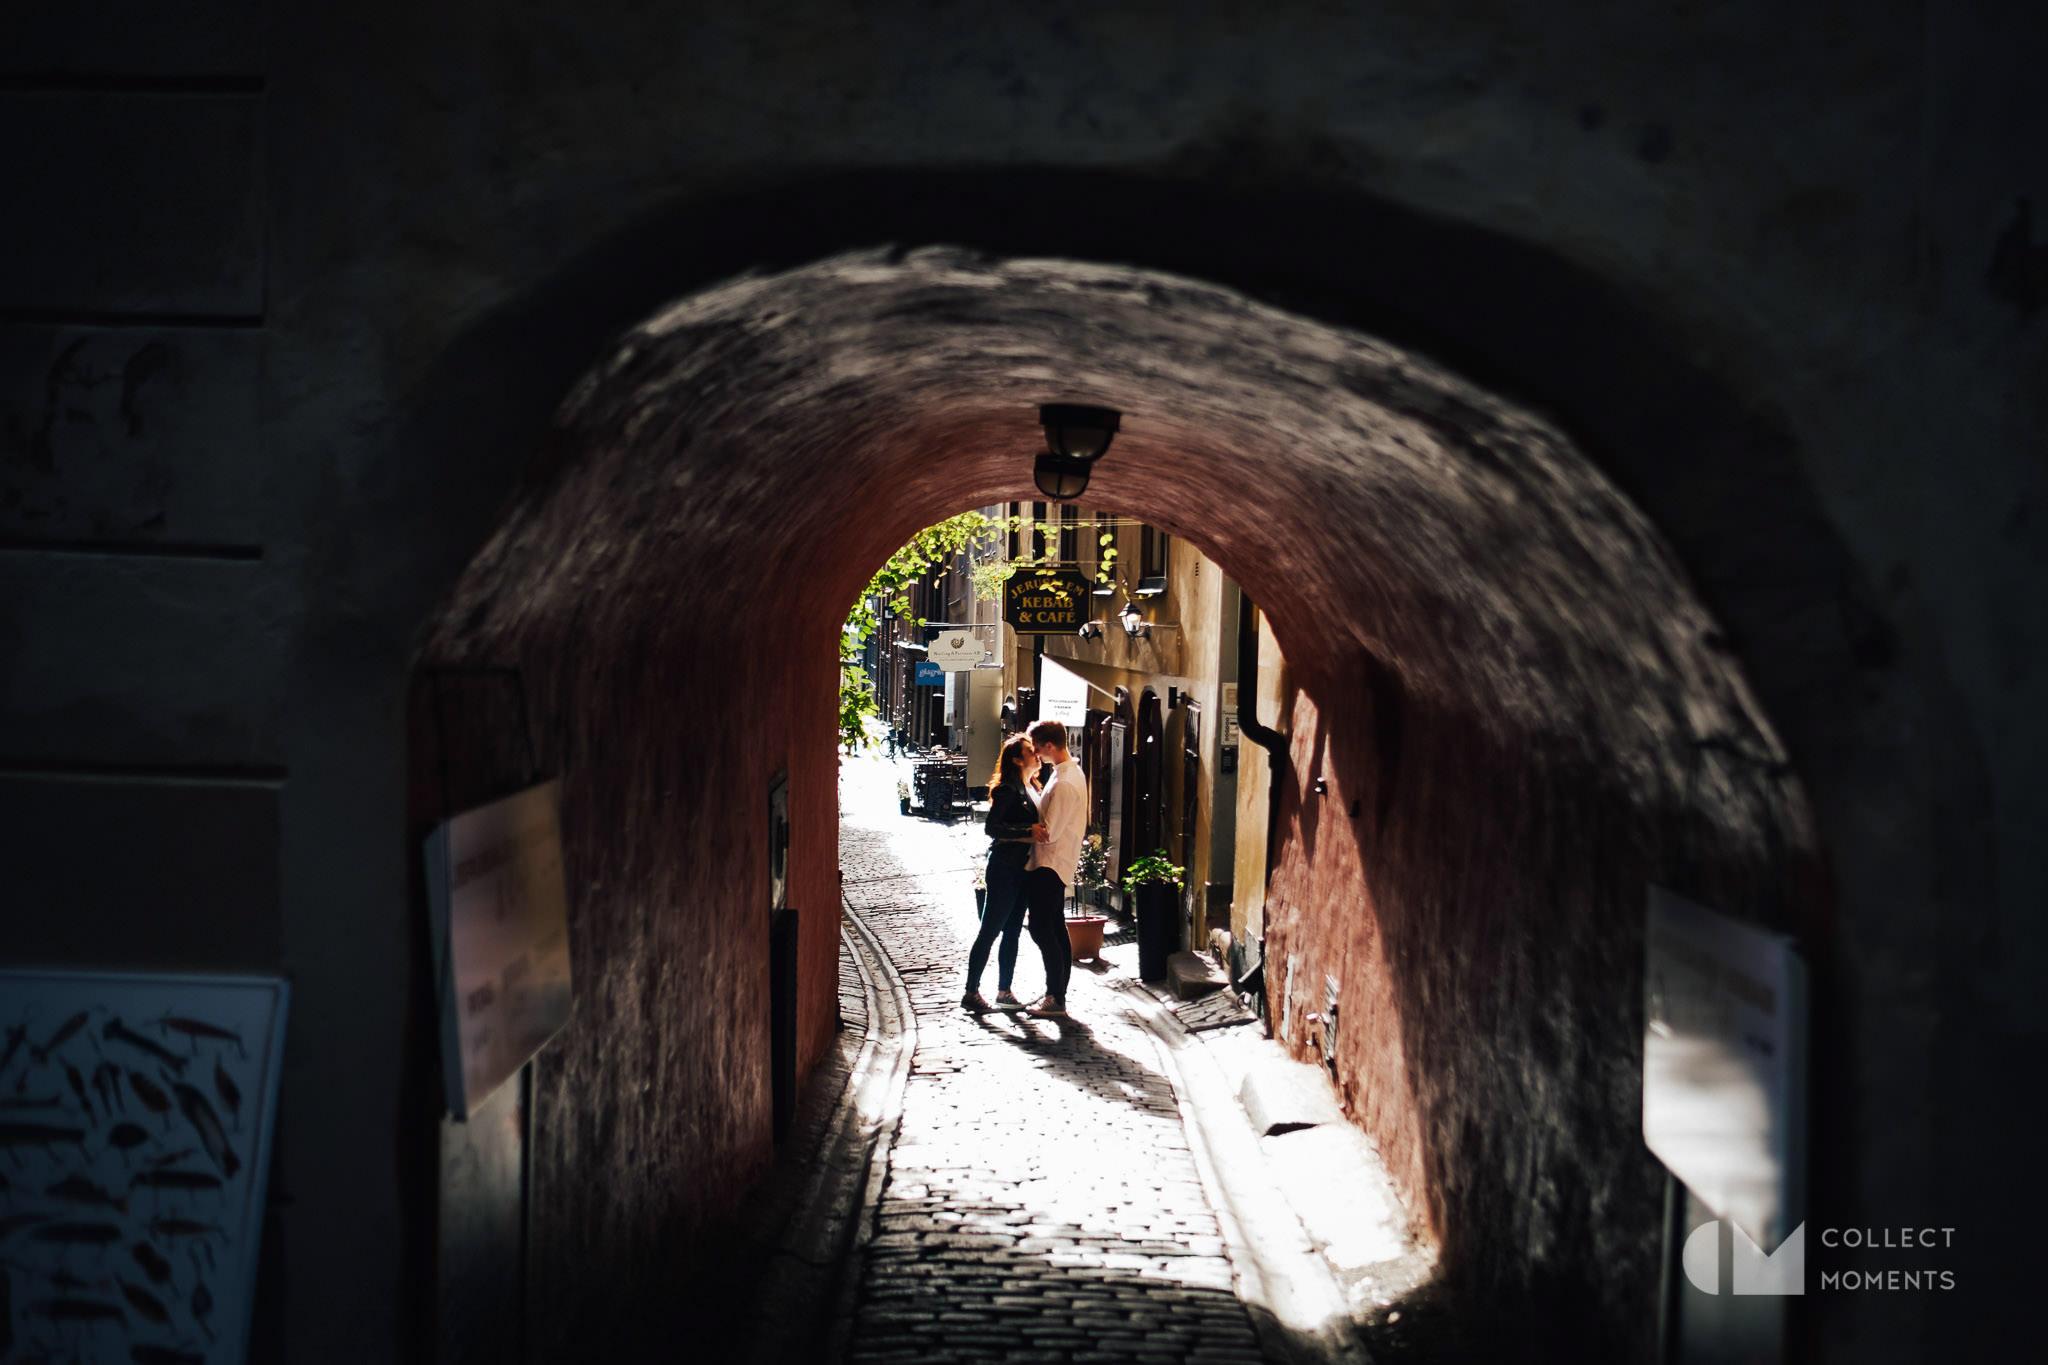 ストックホルム旧市街の様子